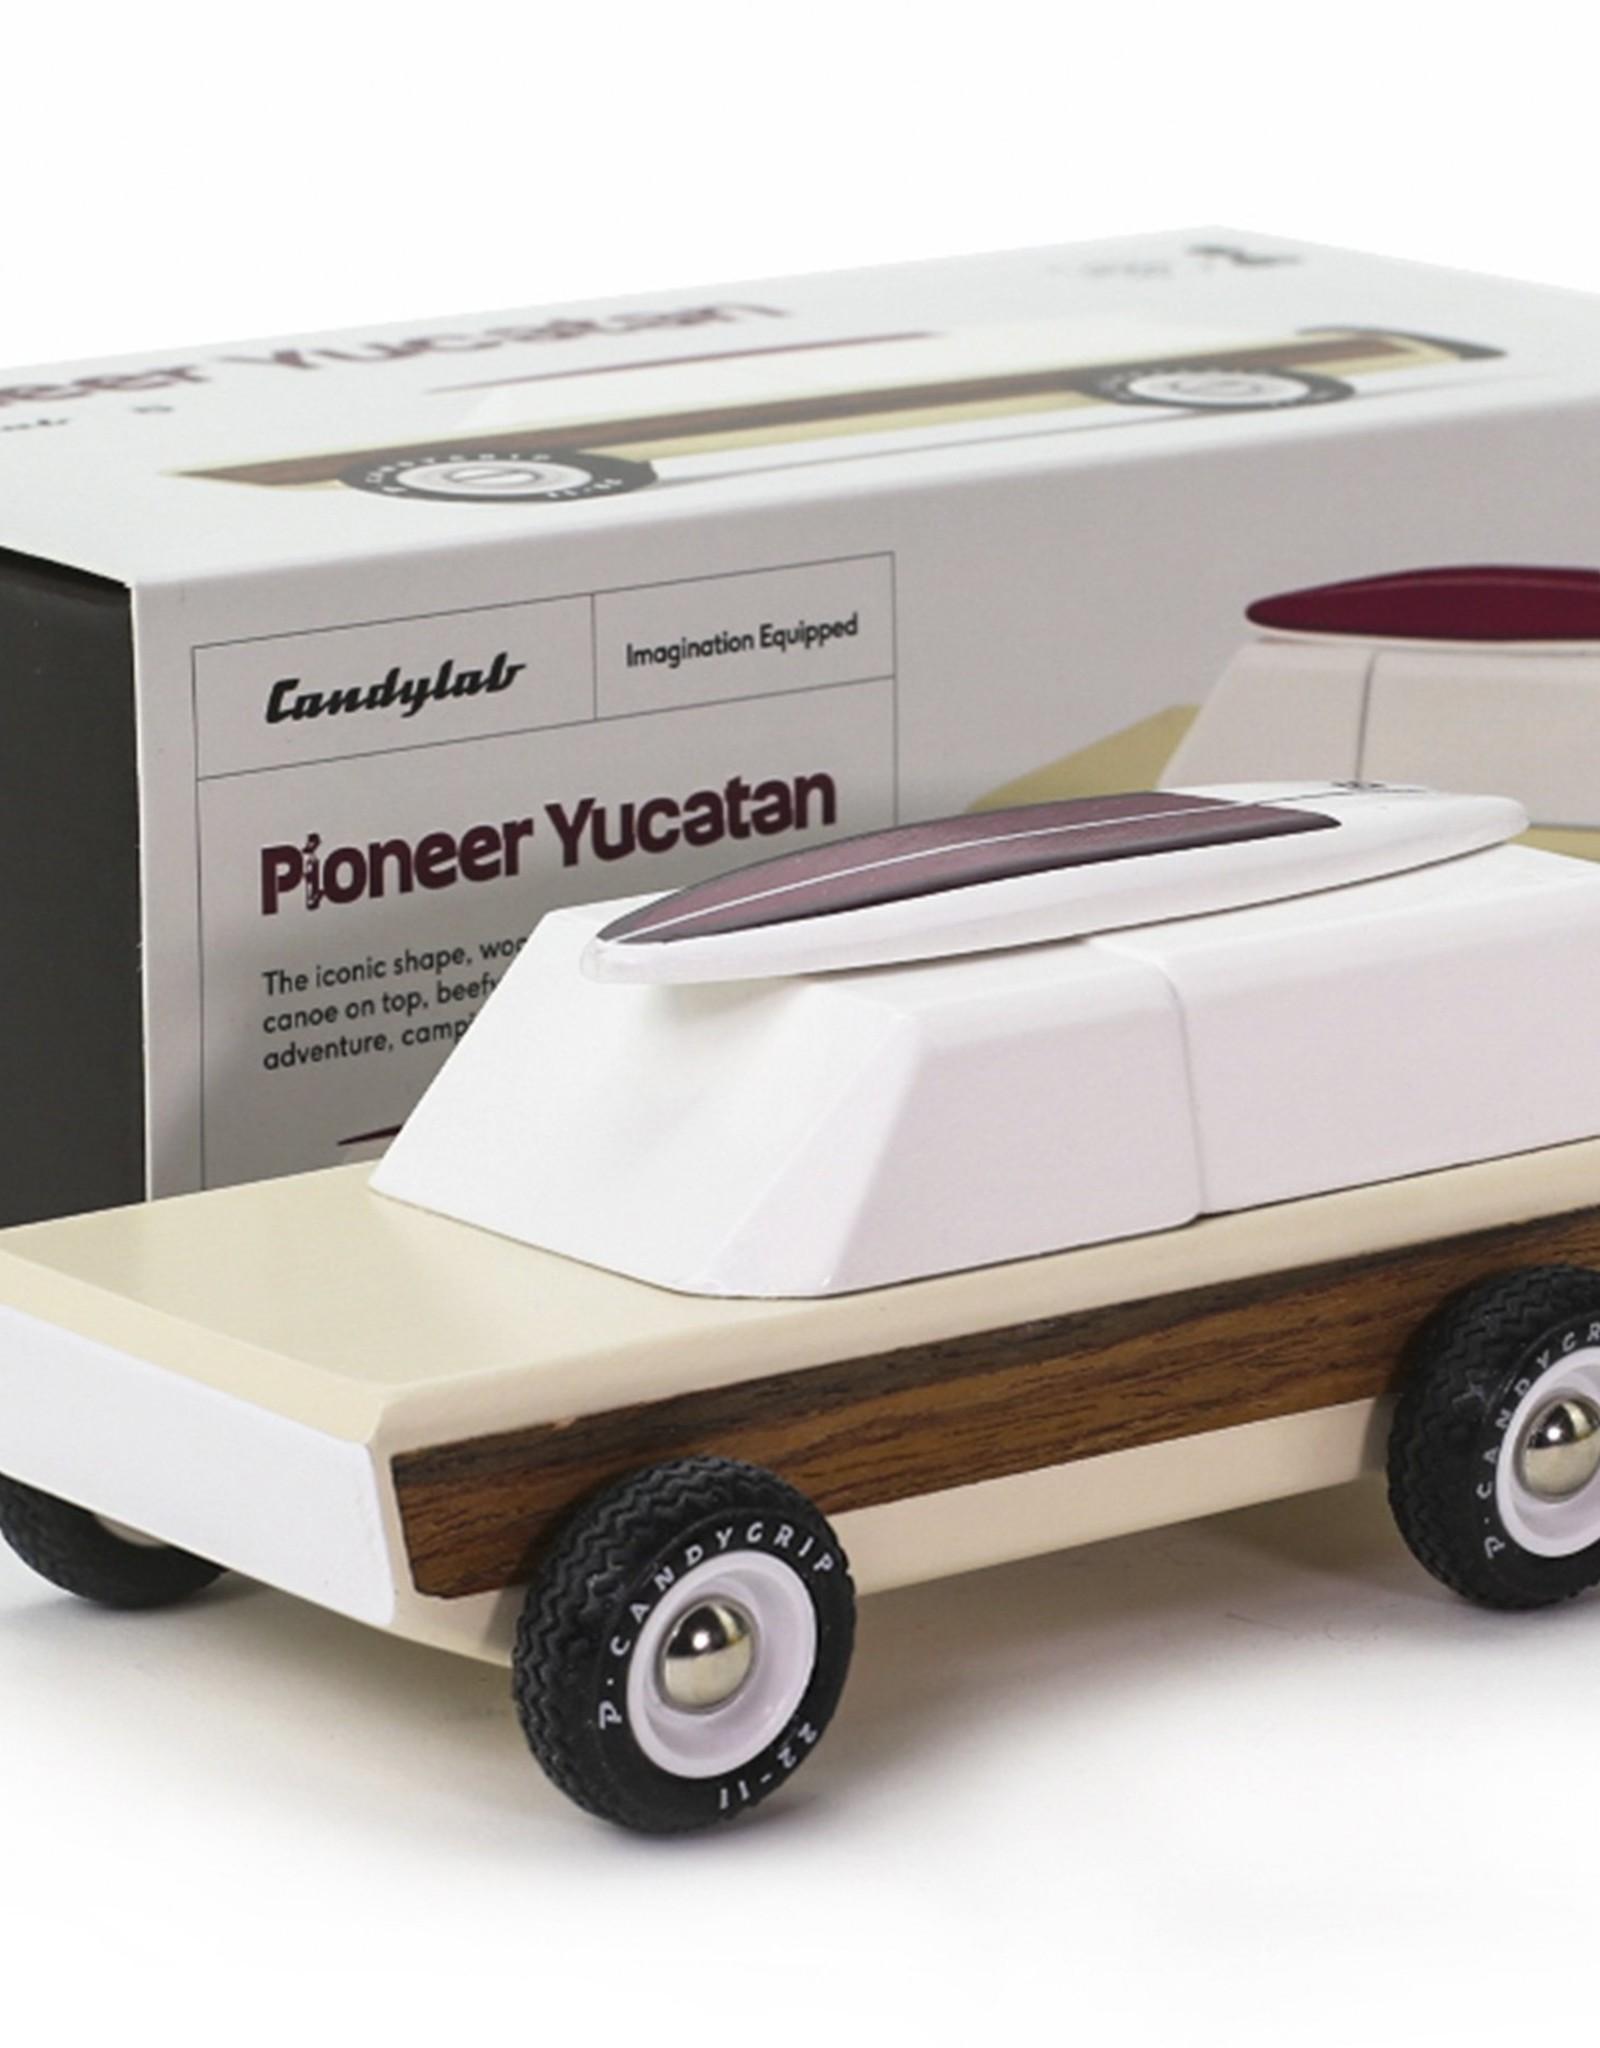 candylab Pioneer Yucatan